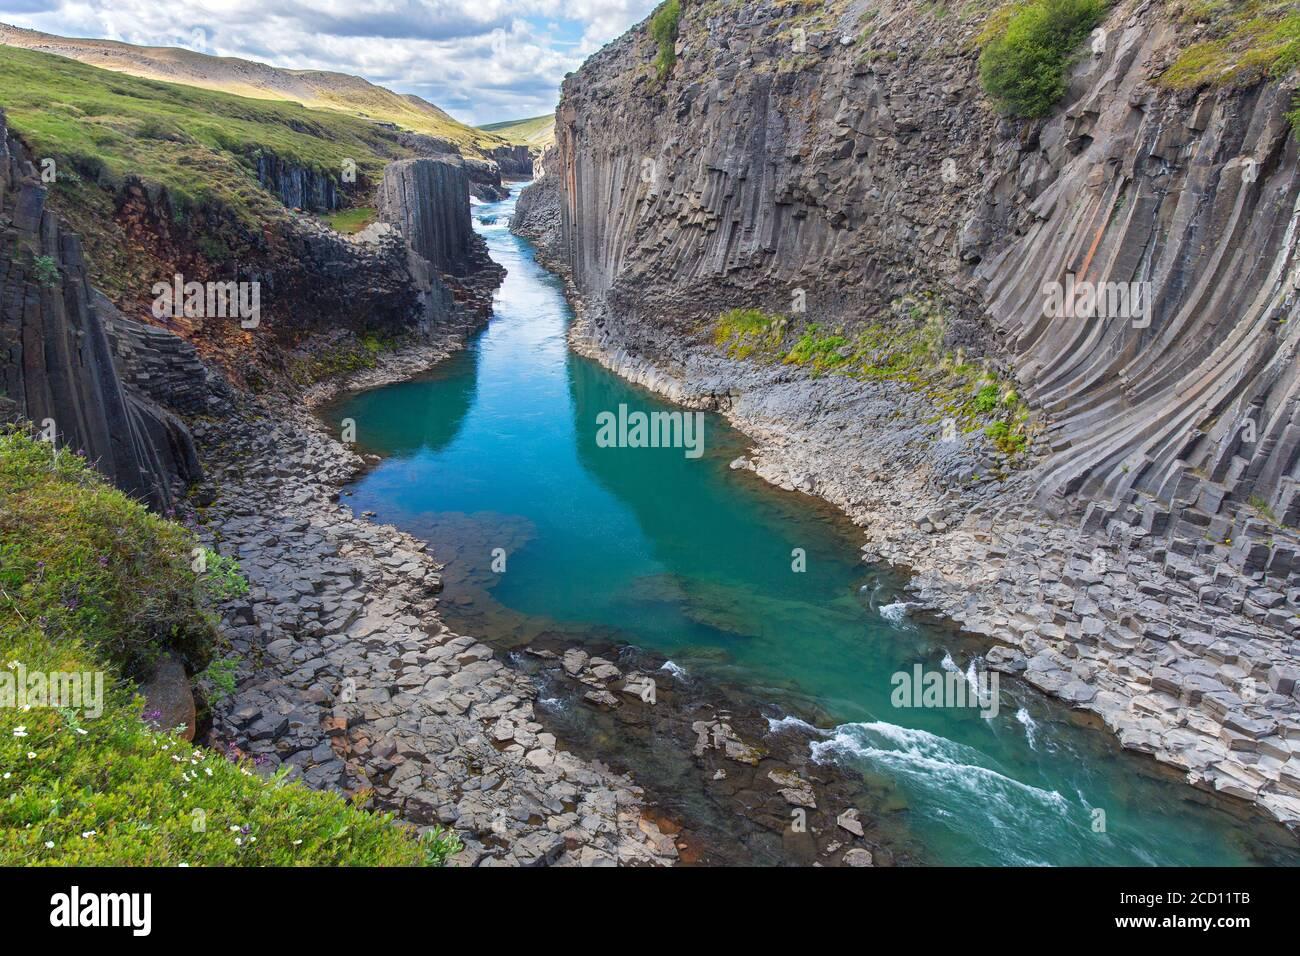 Jökla glacial river and basalt columns, volcanic rock formations at Studlagil / Stuðlagil Canyon, Jökuldalur / Glacier Valley, Austurland, Iceland Stock Photo